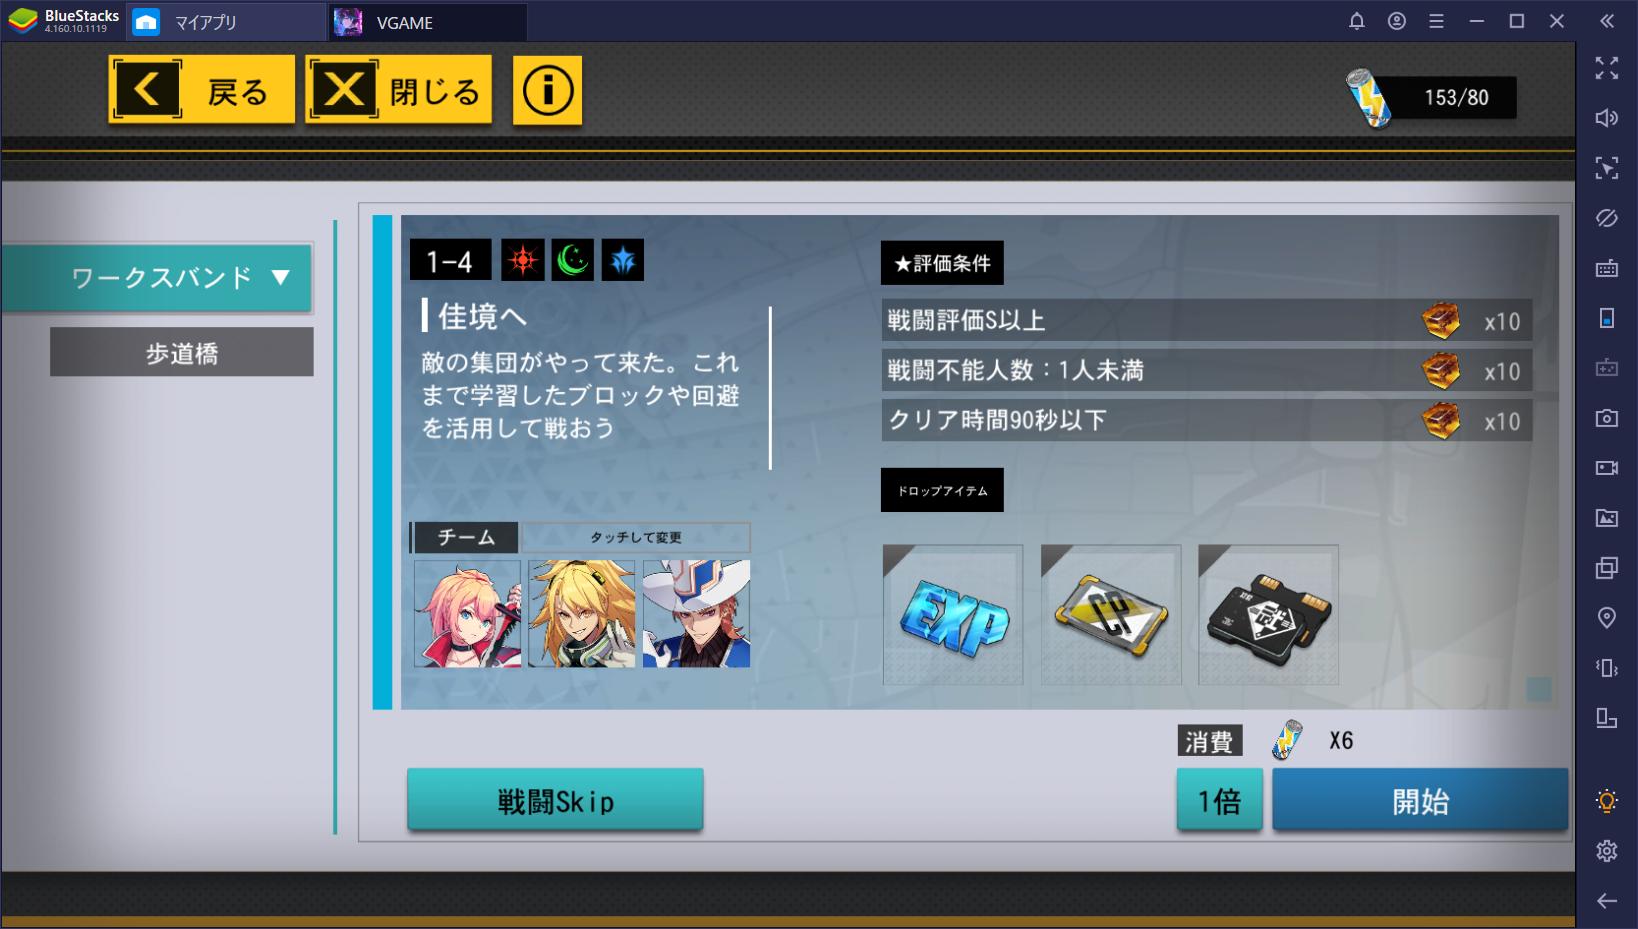 BlueStacksを使ってPCで『VGAME』を遊ぼう